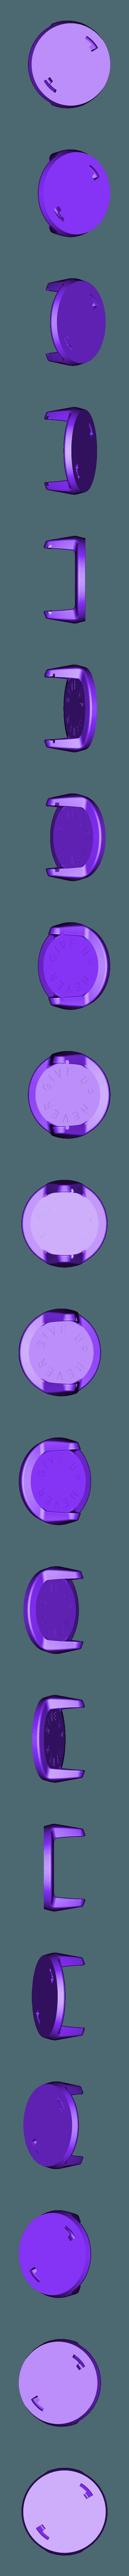 Poignée Never give up.STL Télécharger fichier STL gratuit Poignée pour pompe (Push up bar) • Modèle pour impression 3D, Mathieu_BZH